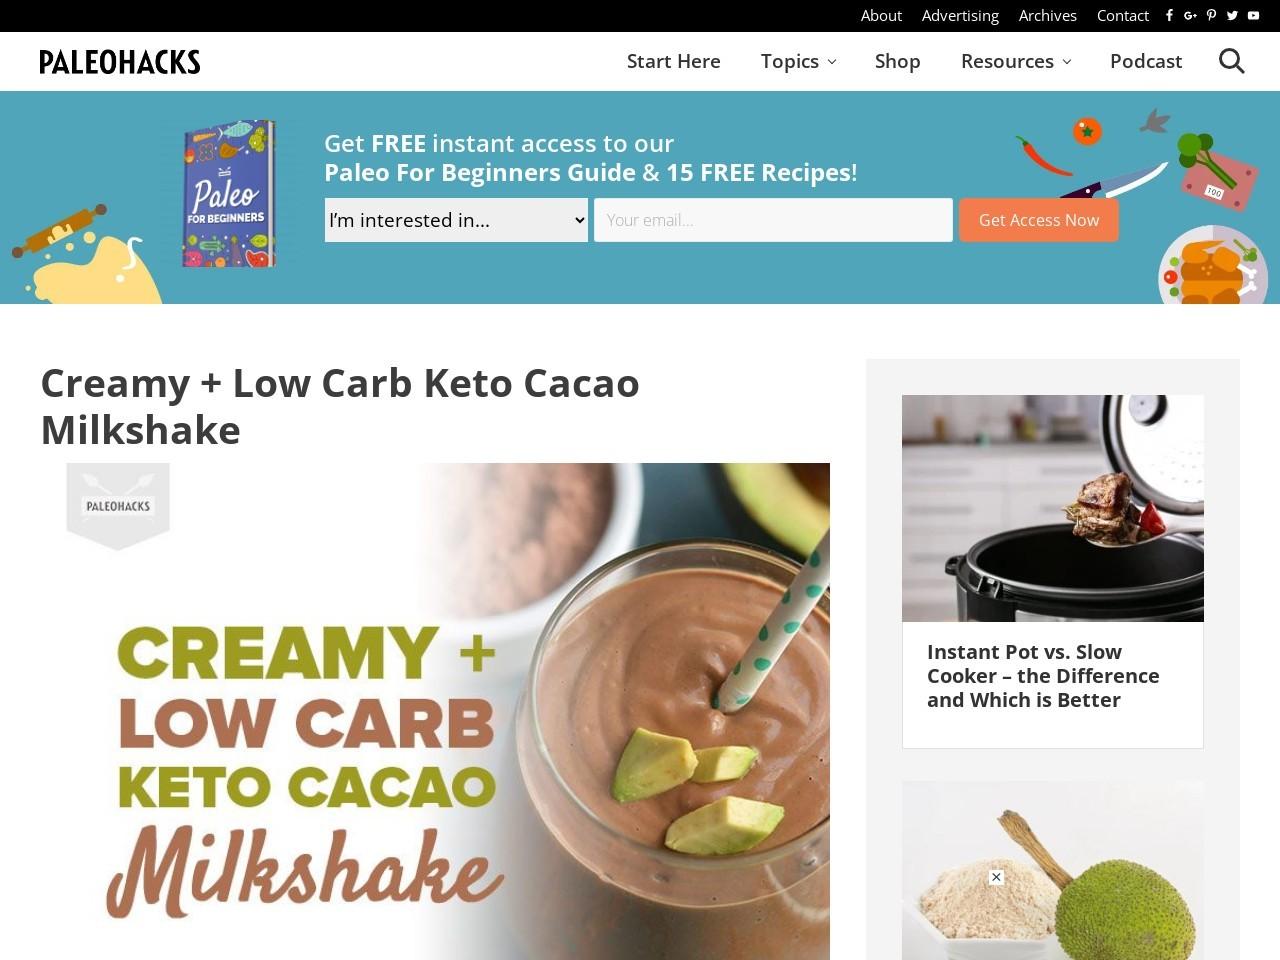 Creamy + Low Carb Keto Cacao Milkshake